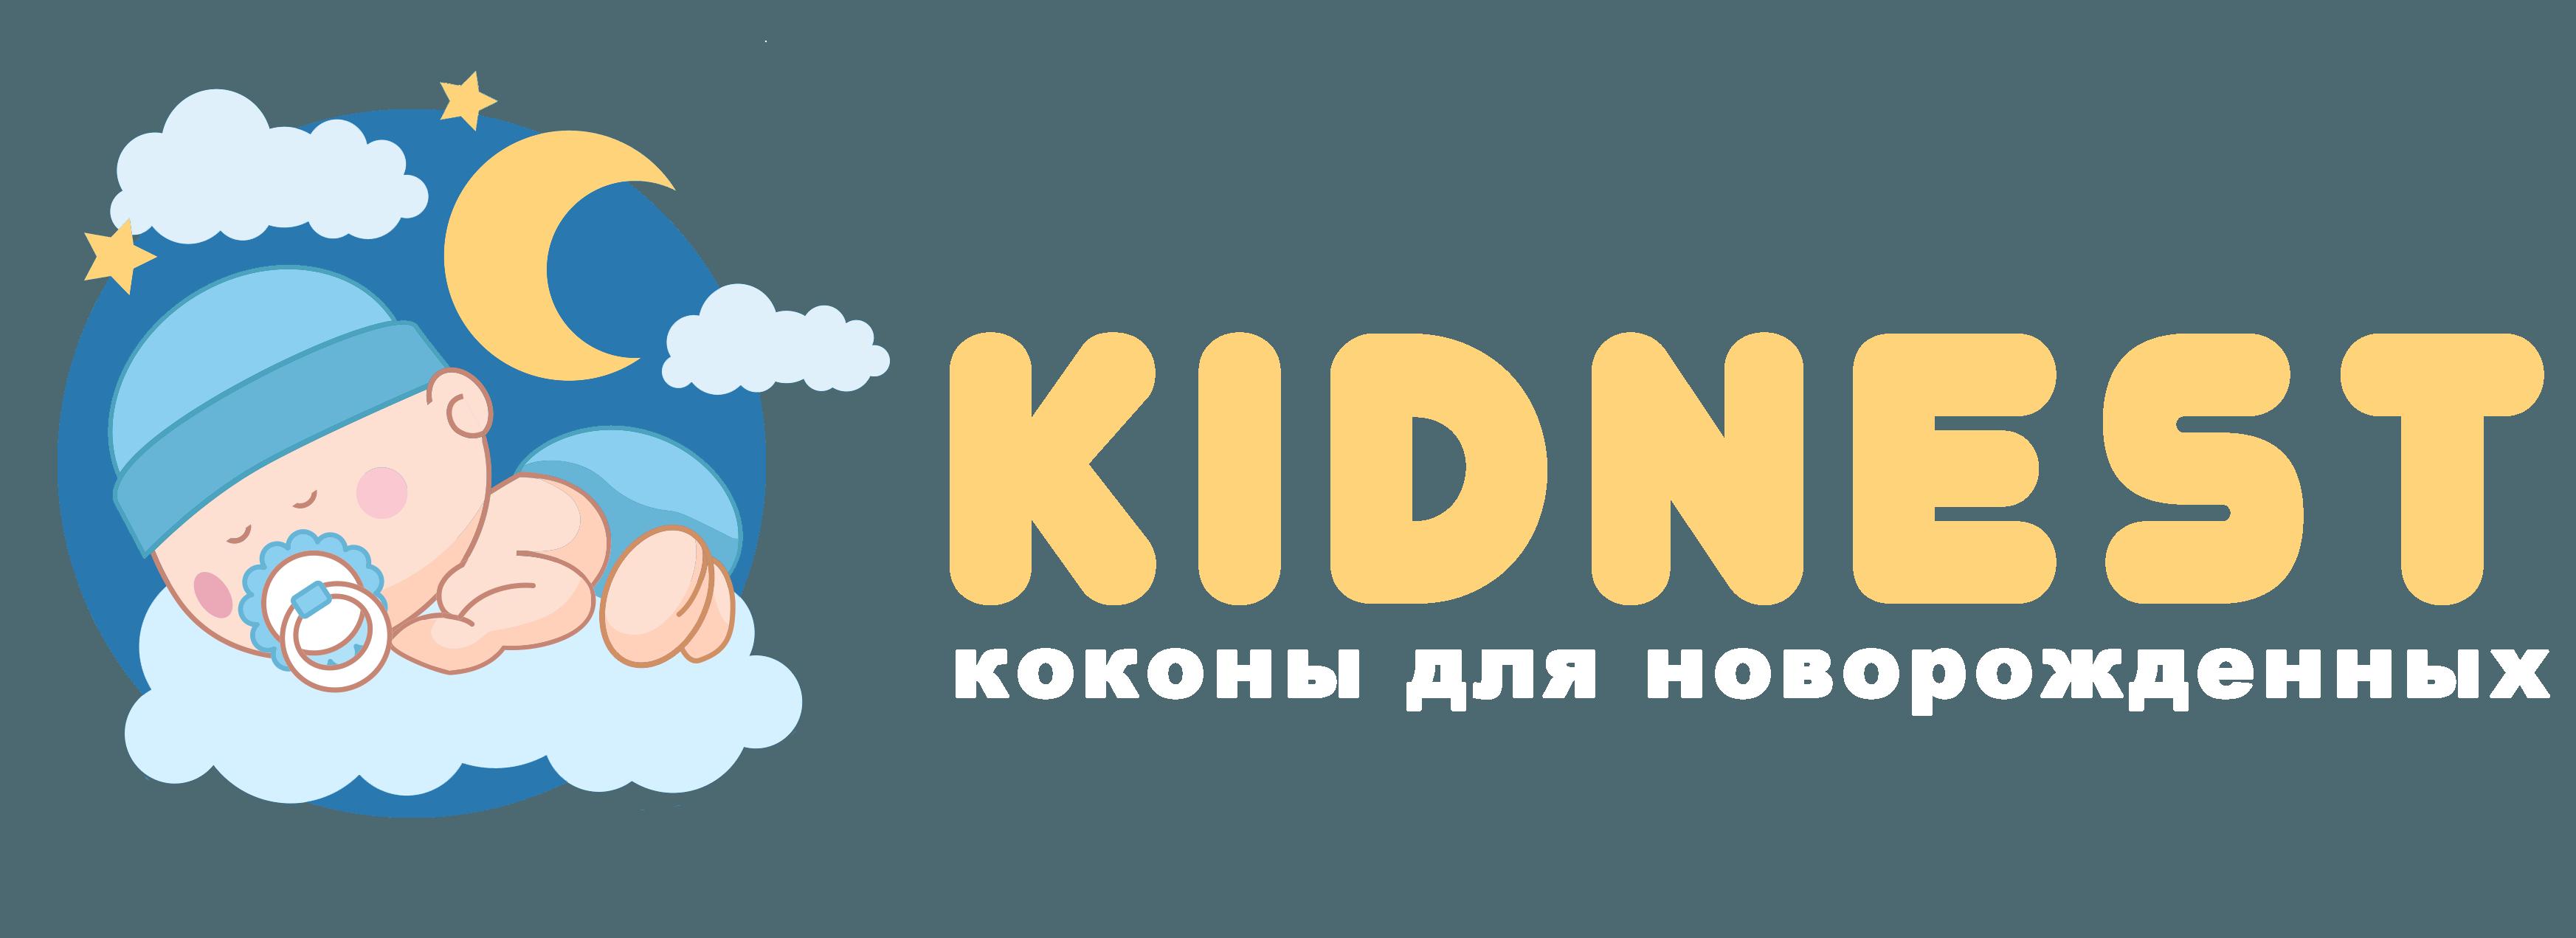 Коконы для новорожденных, доставка по РФ